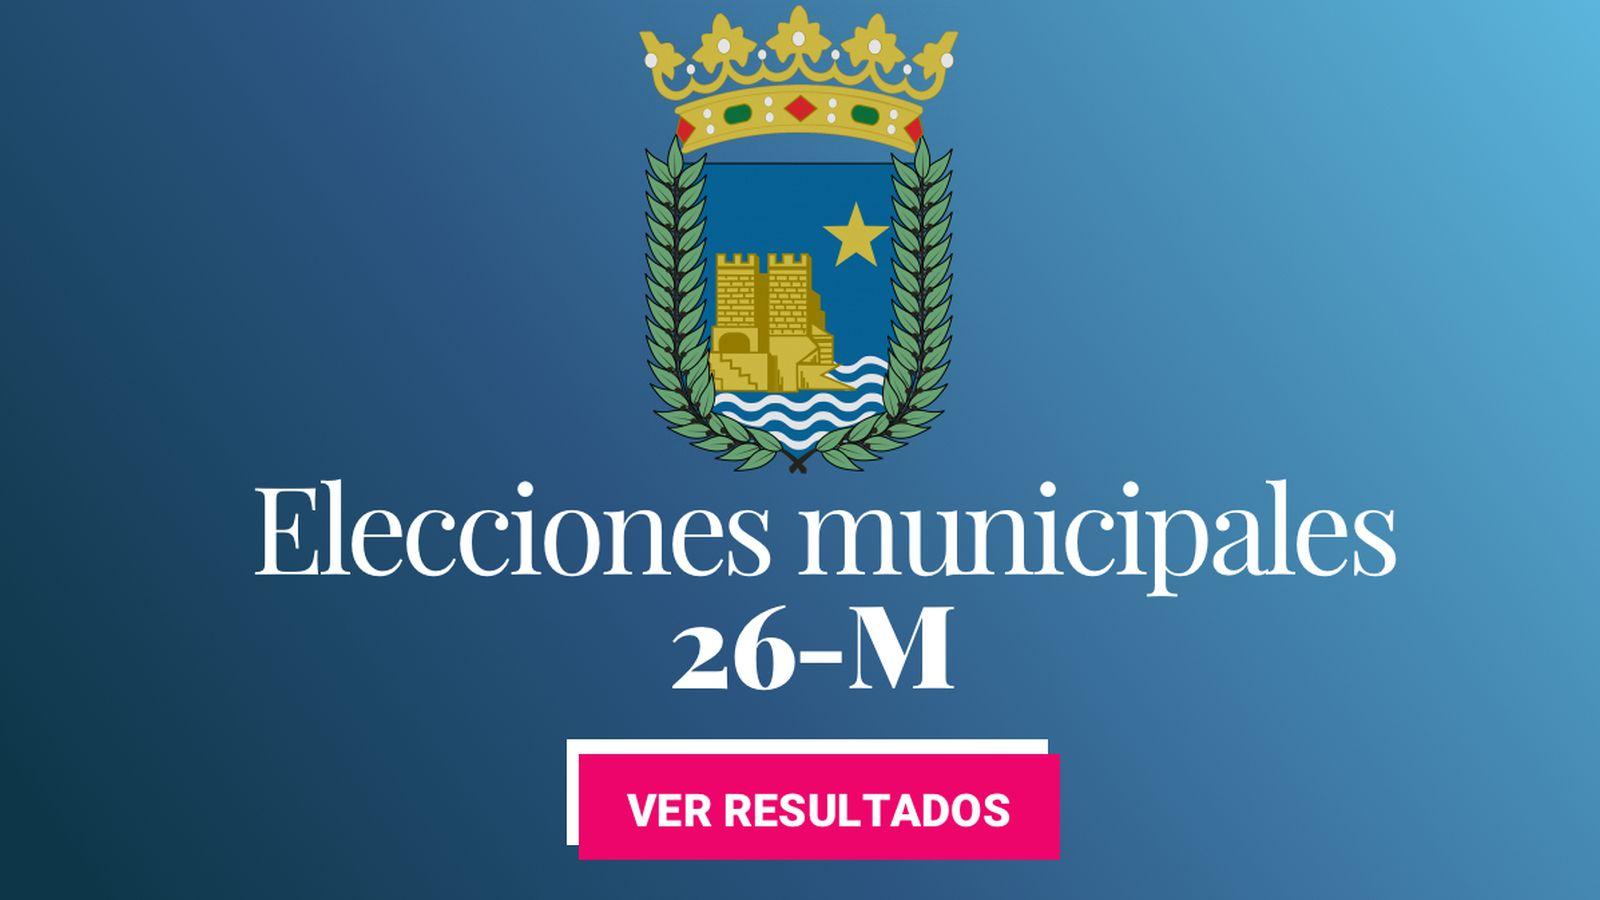 Foto: Elecciones municipales 2019 en Fuengirola. (C.C./EC)